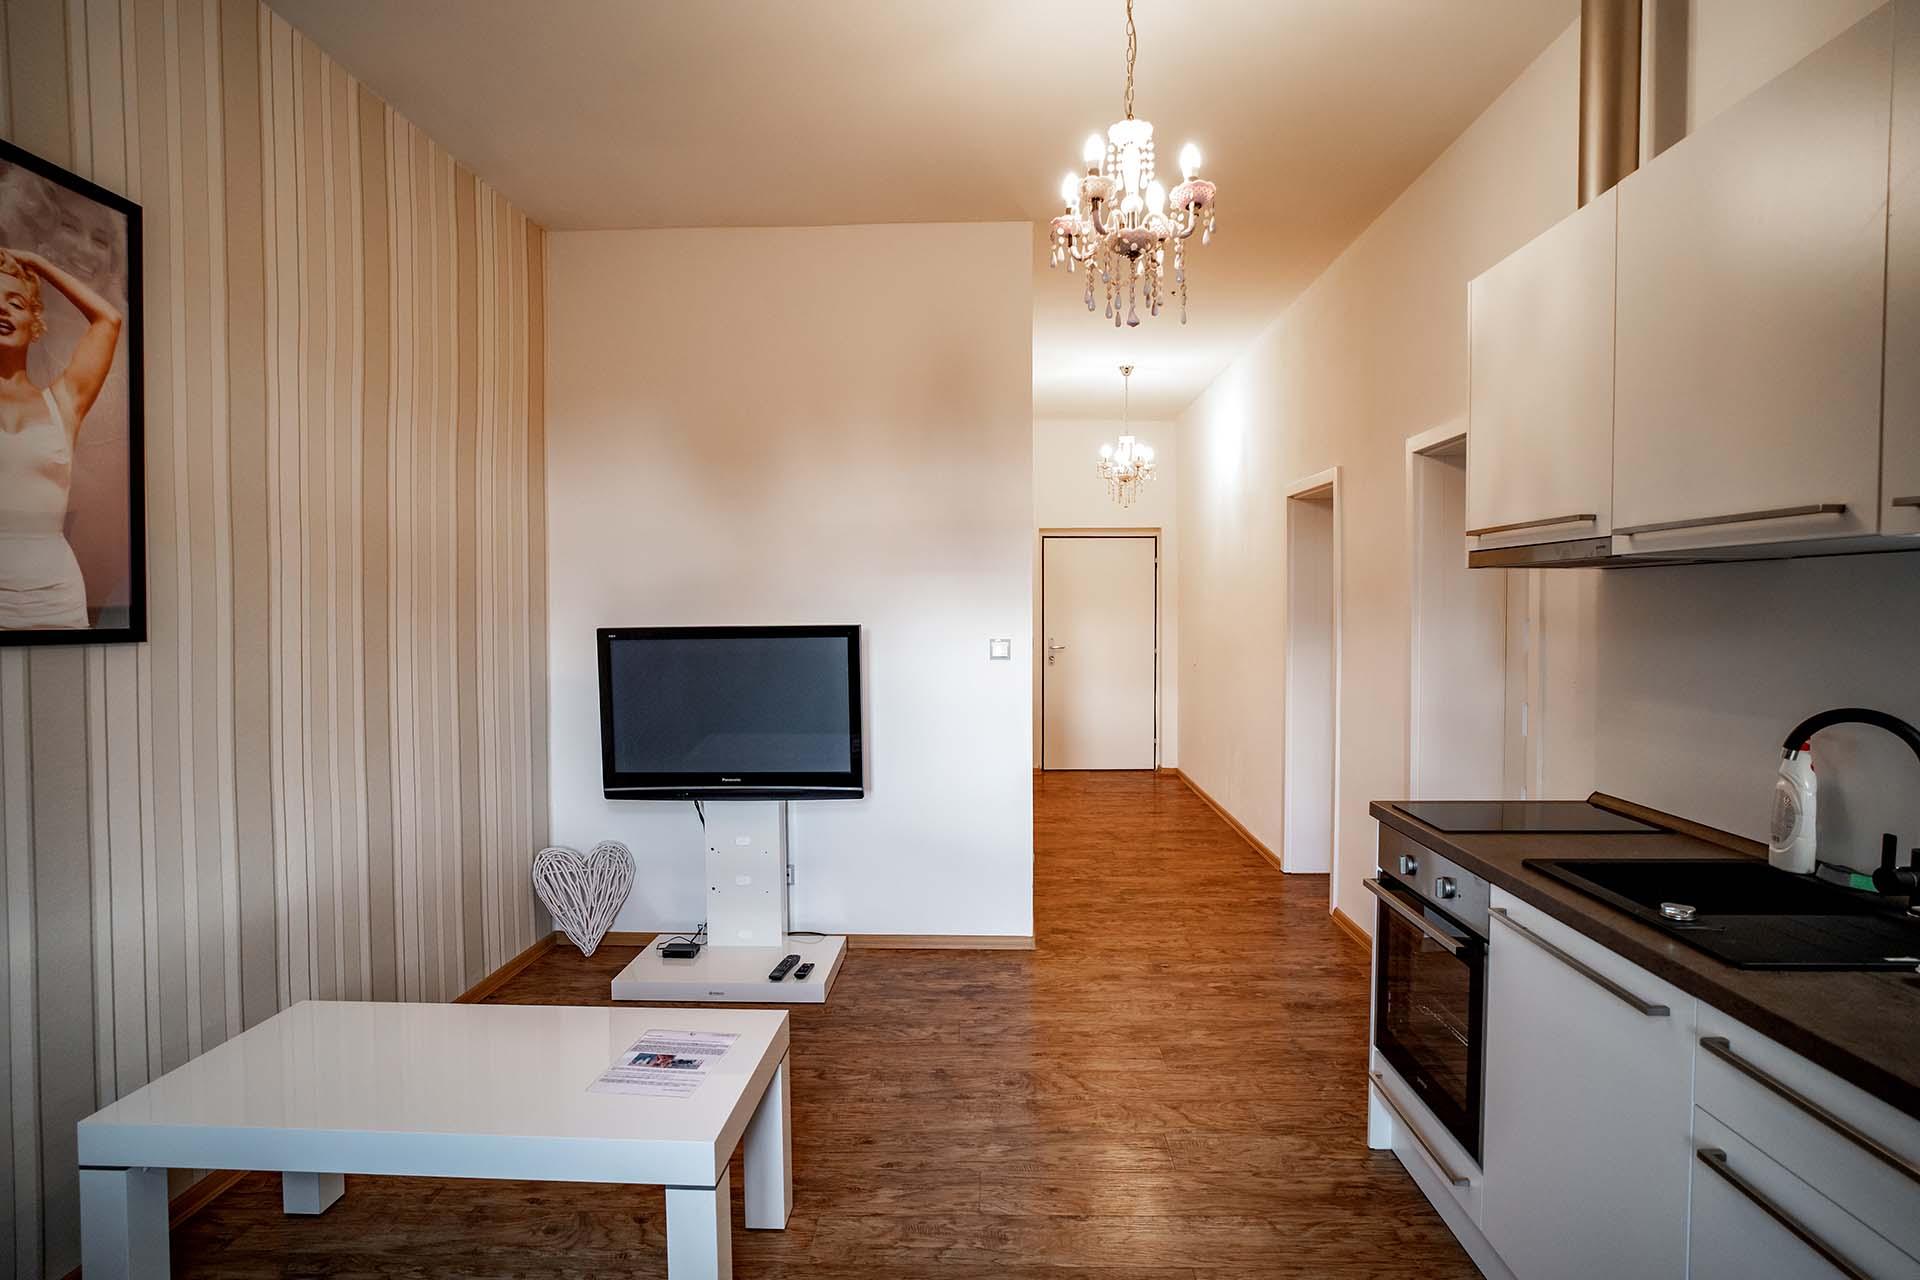 apartmany-obrazek-14